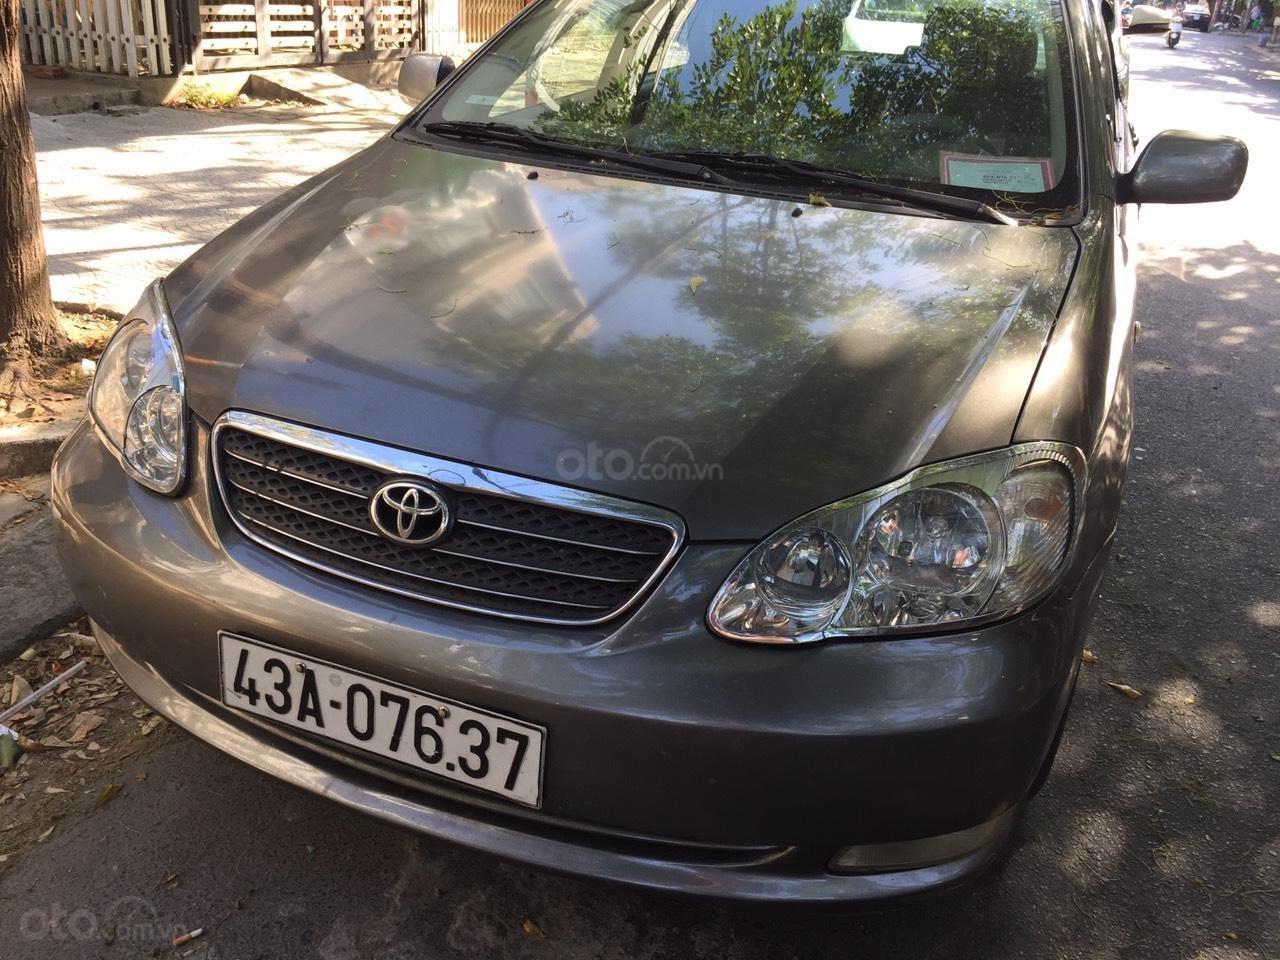 Cần bán Toyota Corolla Altis đời 2005, màu xám (ghi), xe nhập, giá 270tr (1)